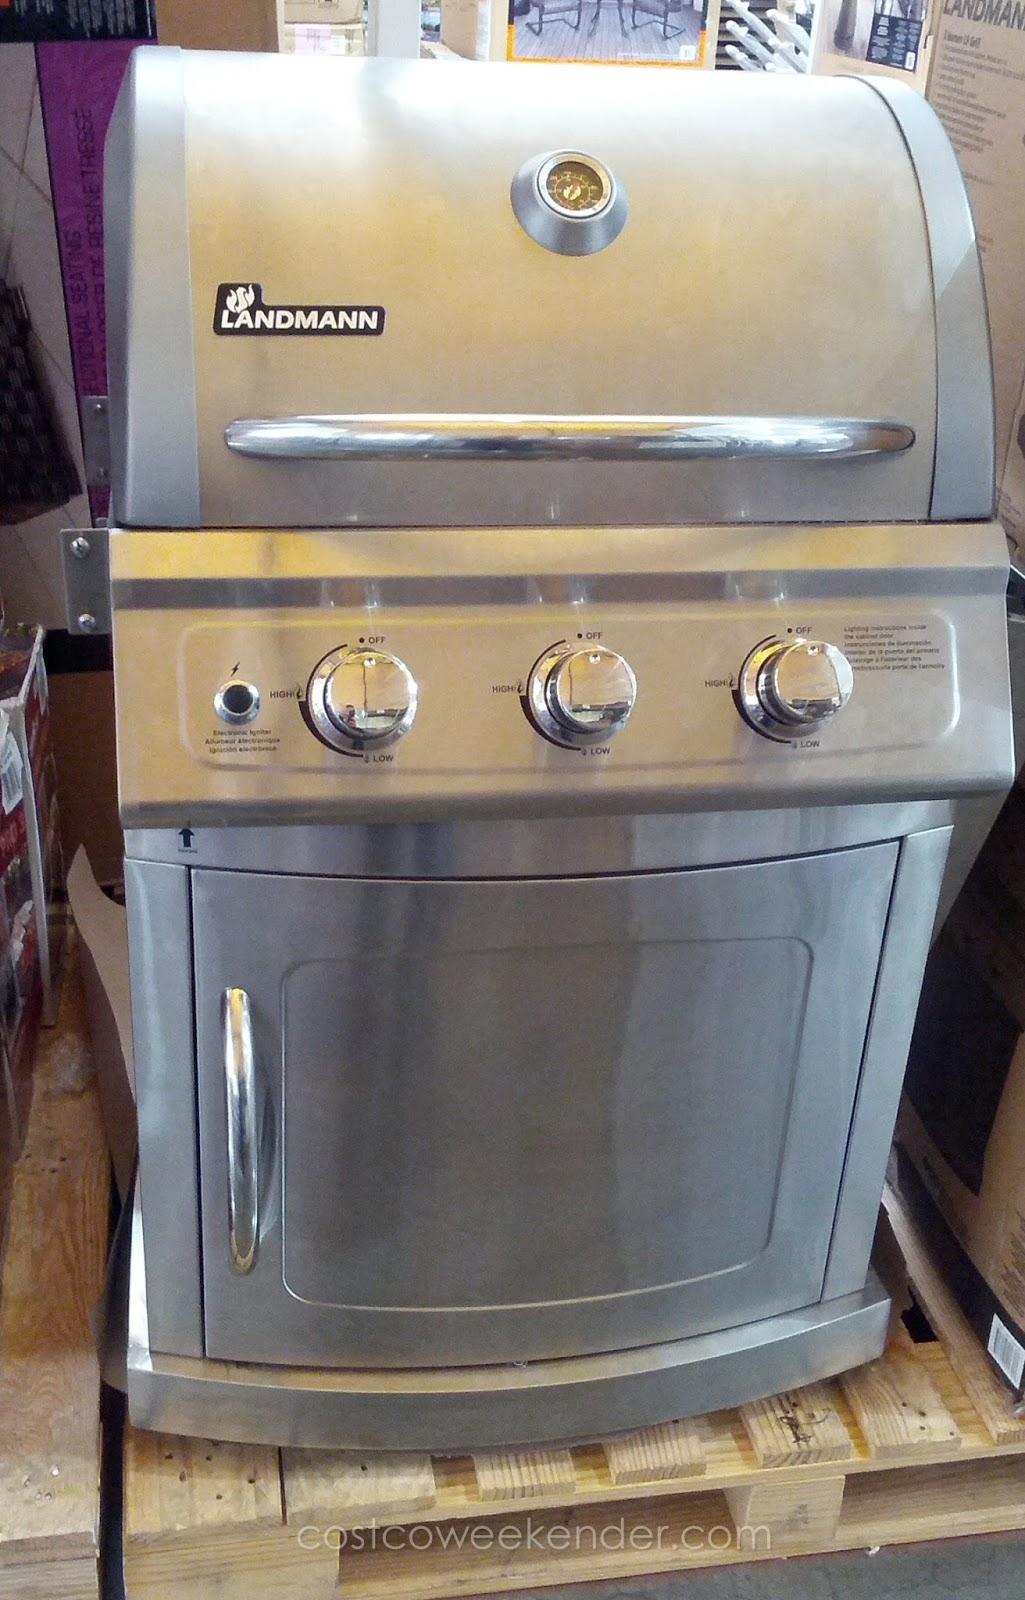 Costco Bbq Grills >> Landmann model 42170 3 Burner LP Gas BBQ Grill | Costco Weekender